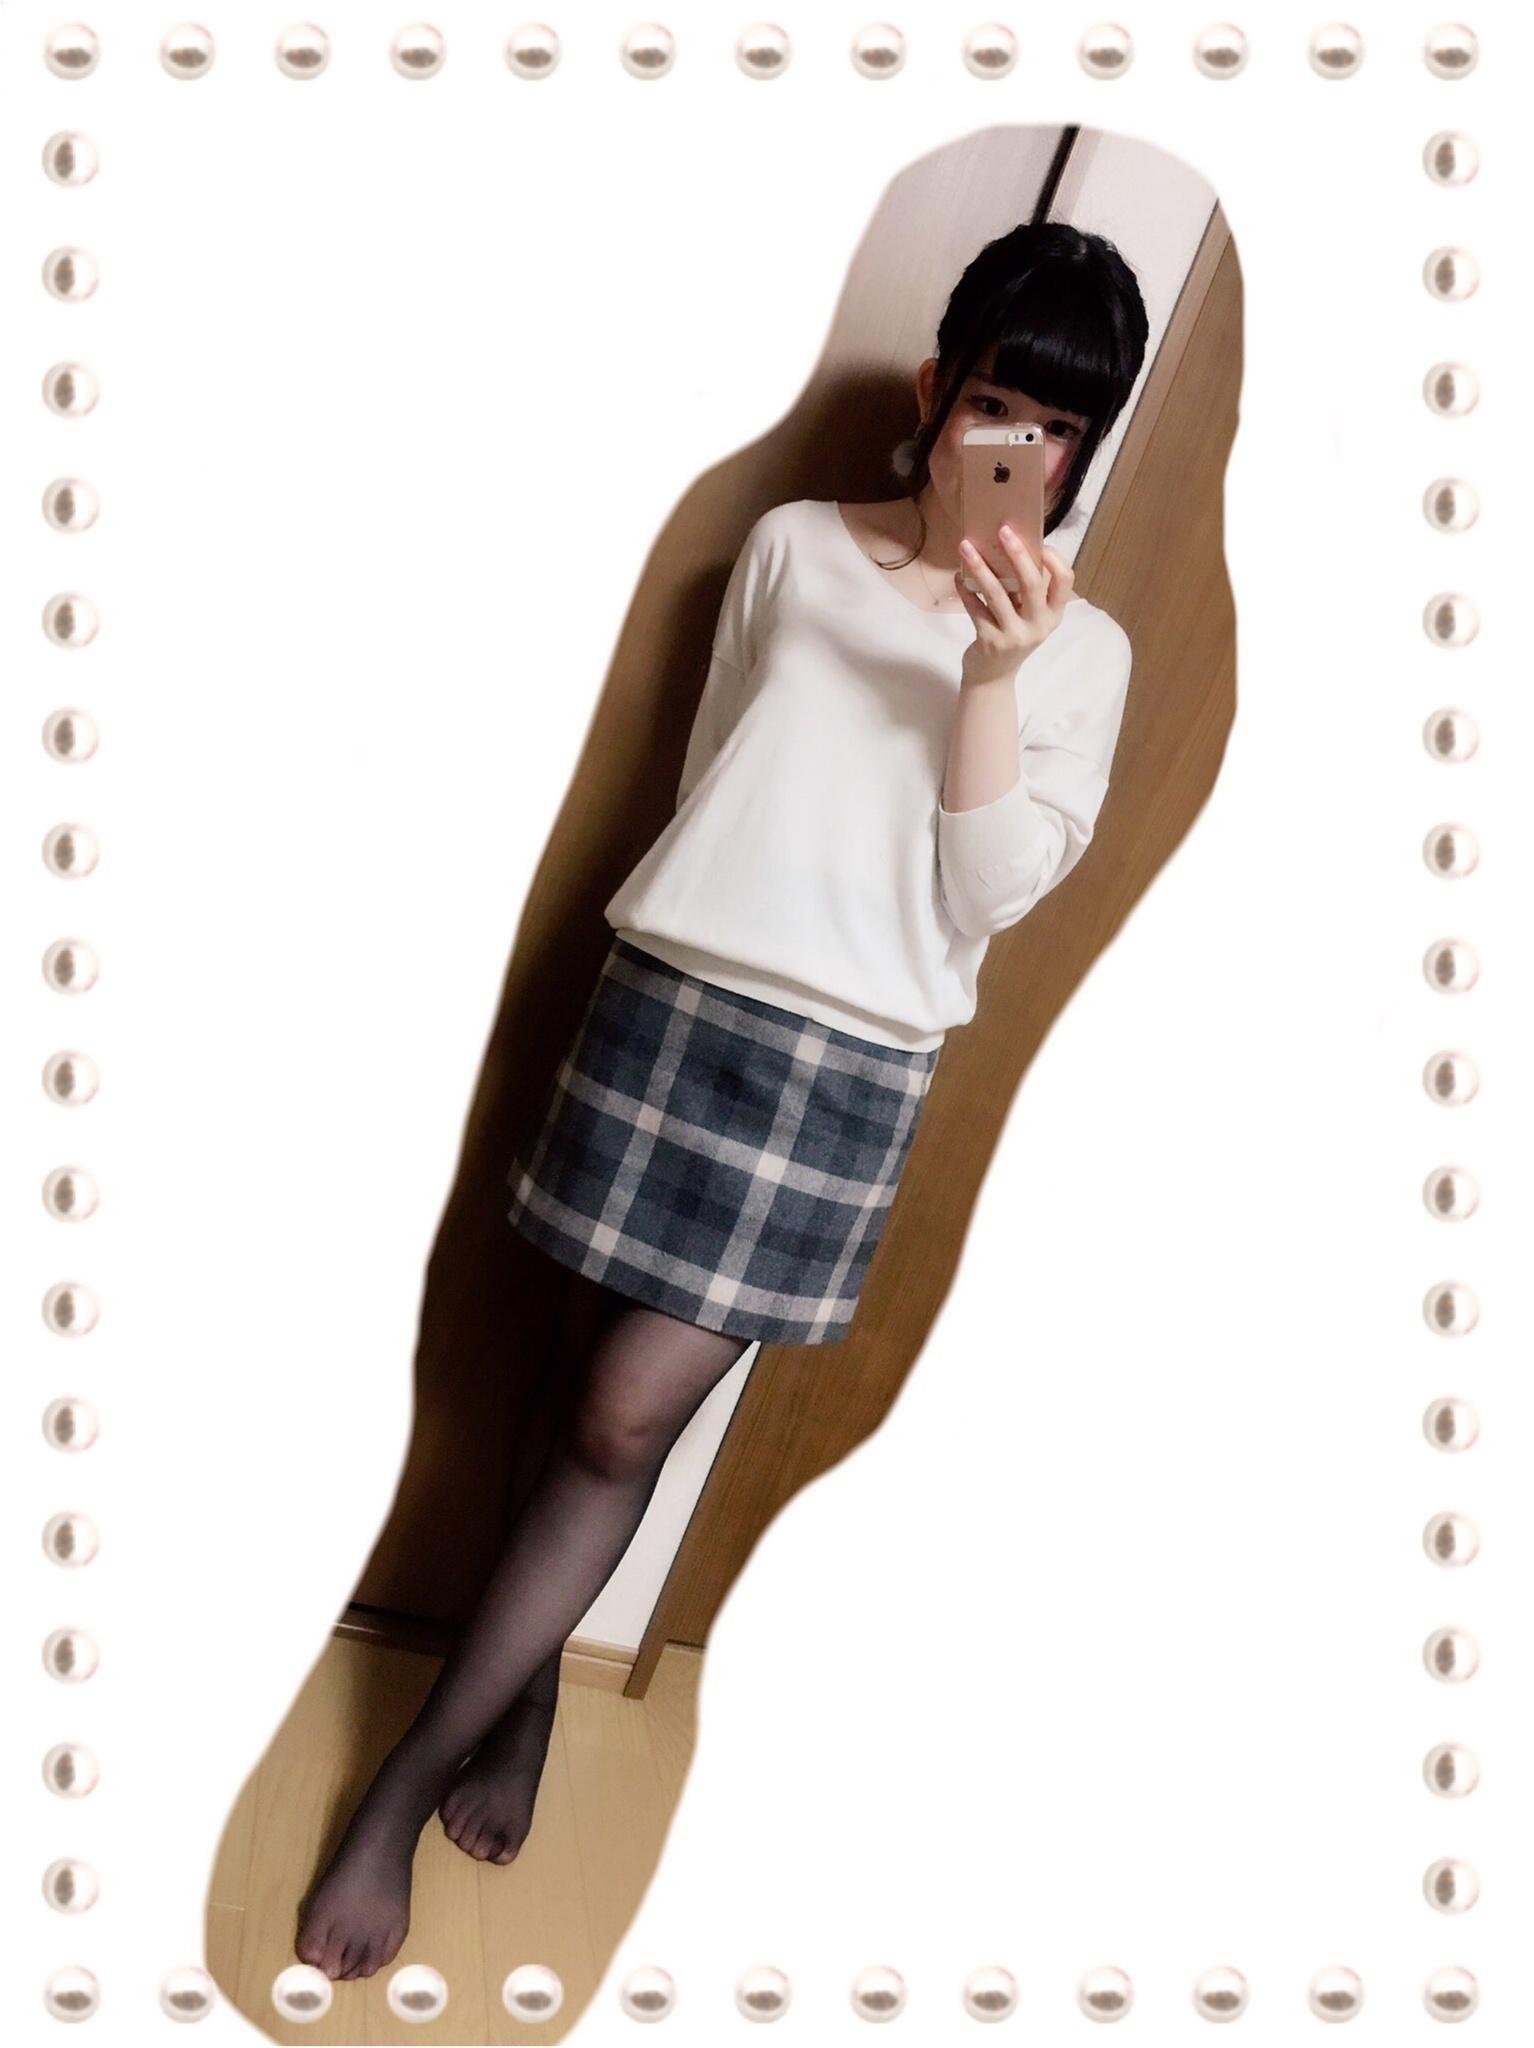 【新作・期間限定プライス1990円♡】UNIQLOのウールブレンドミニスカートでゆるカワコーデ(*´ ˘ `*)_2